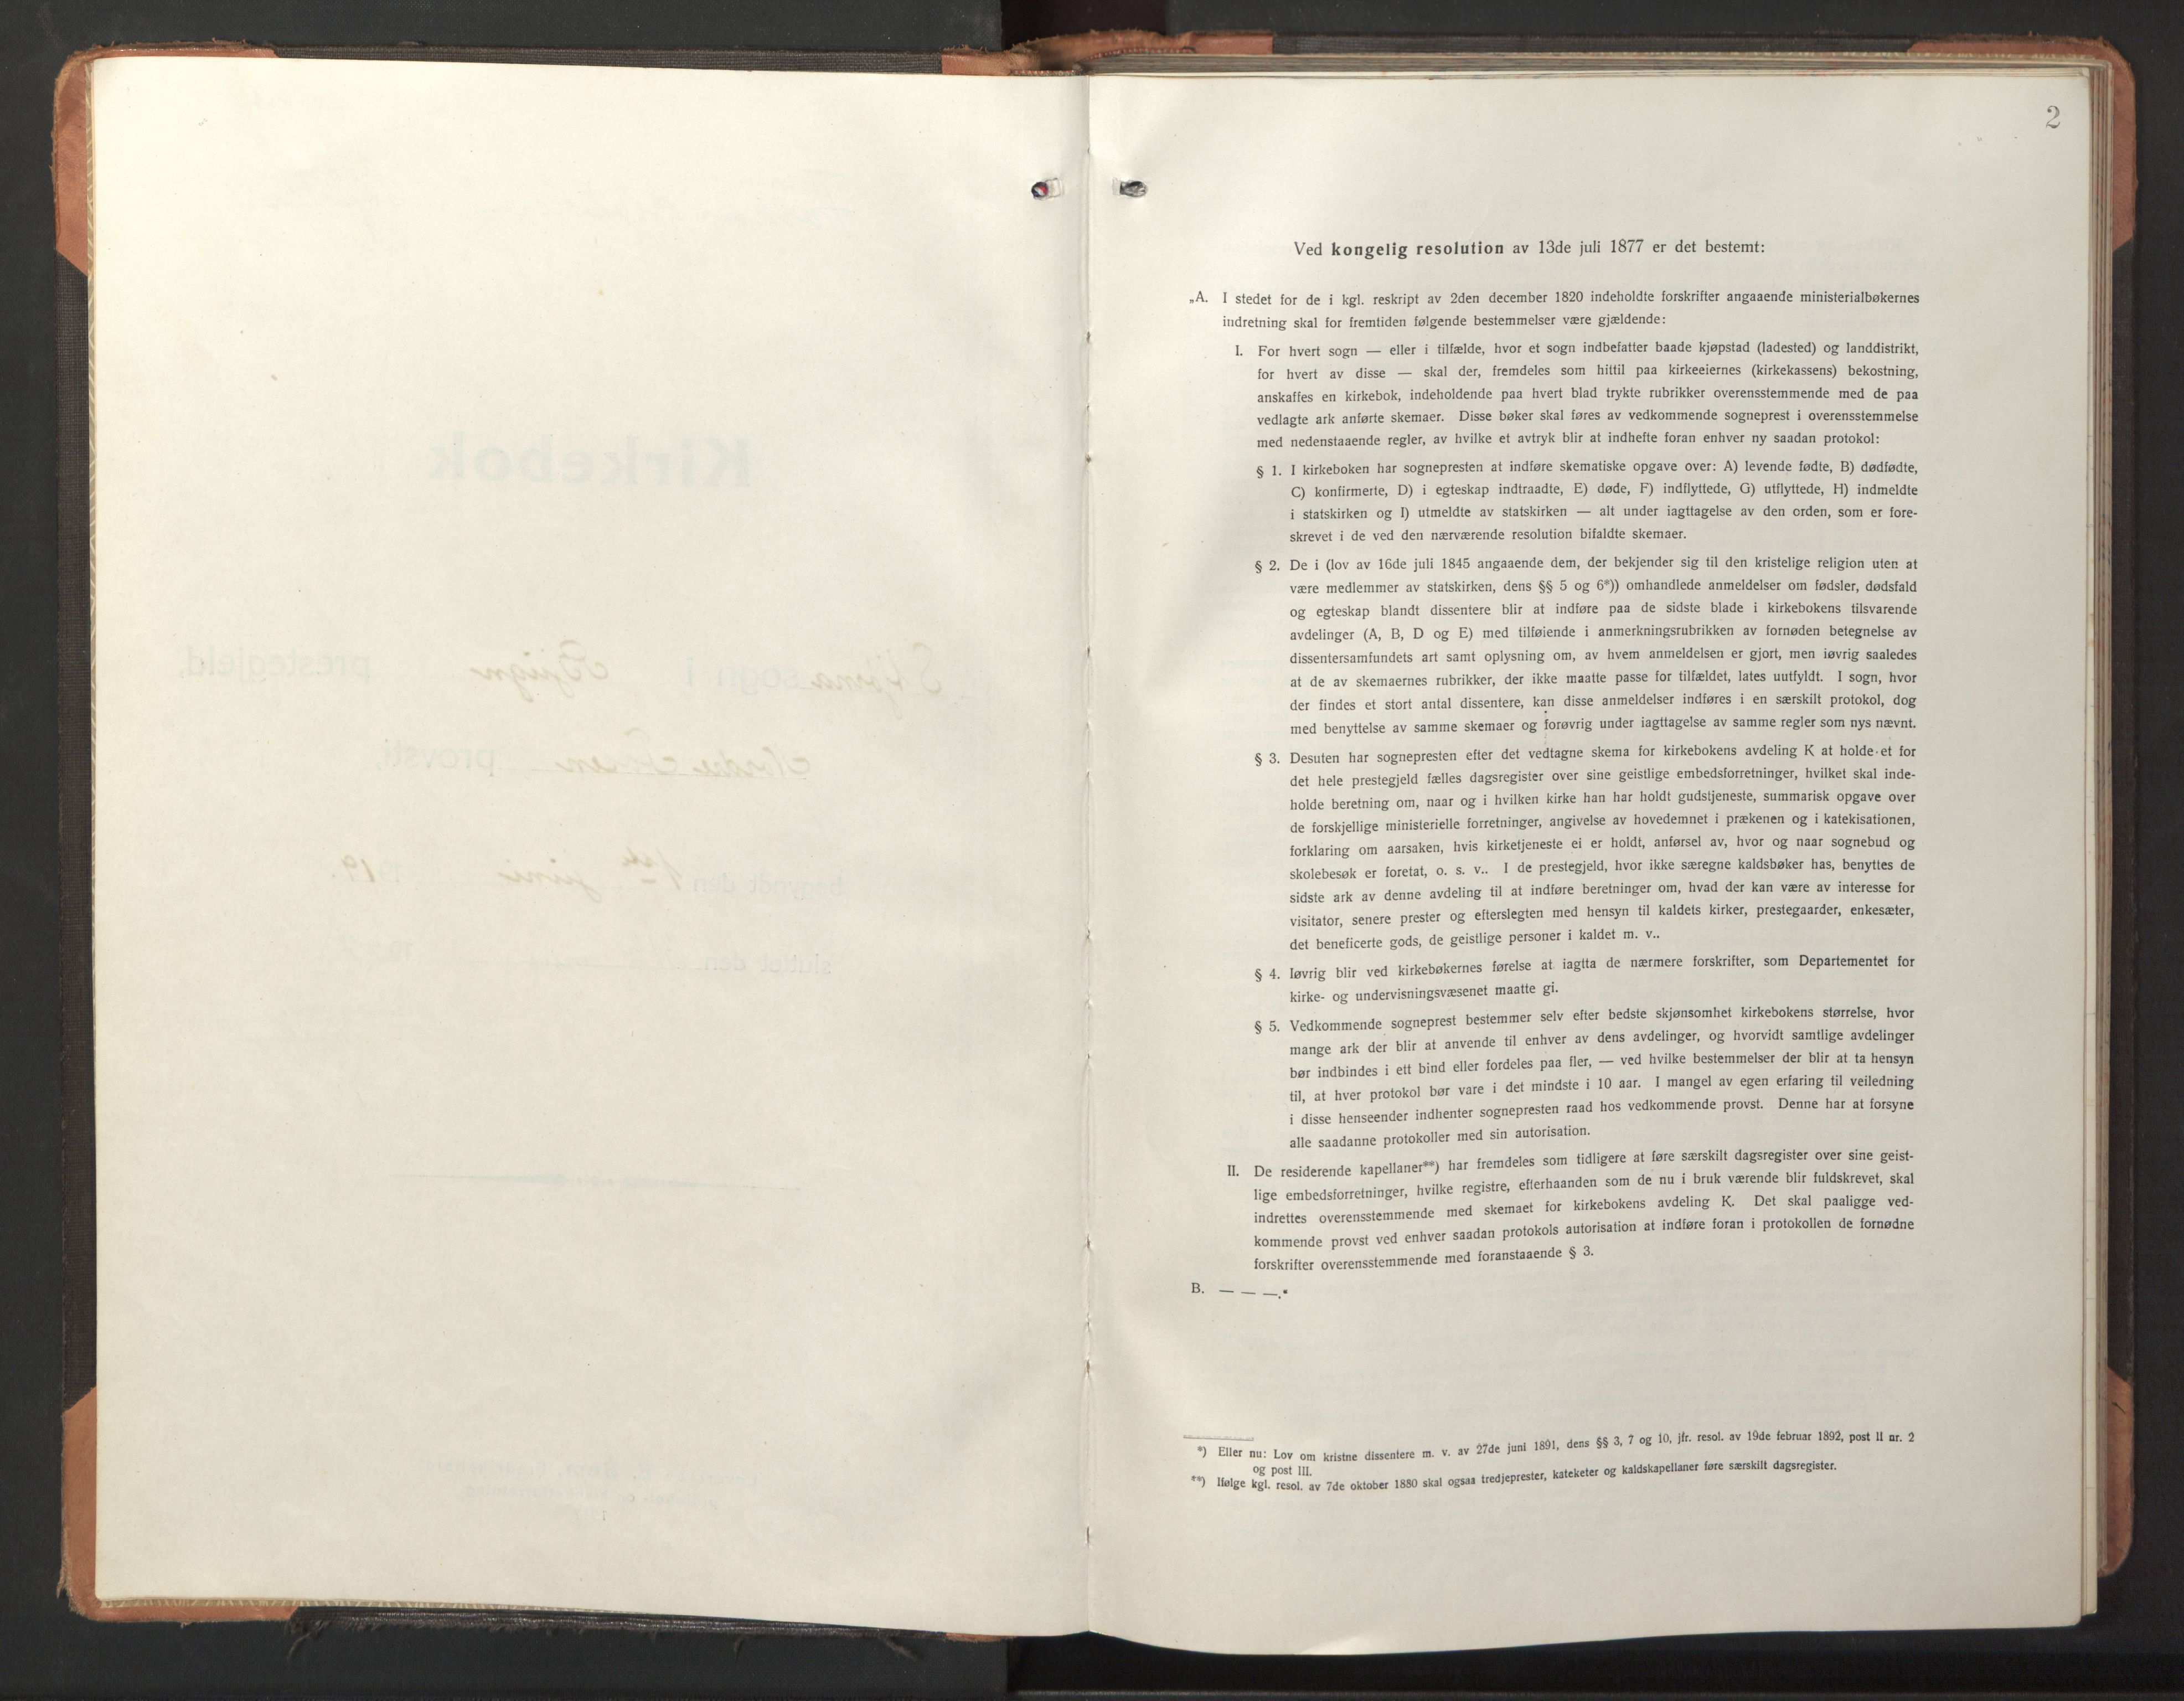 SAT, Ministerialprotokoller, klokkerbøker og fødselsregistre - Sør-Trøndelag, 653/L0658: Klokkerbok nr. 653C02, 1919-1947, s. 2